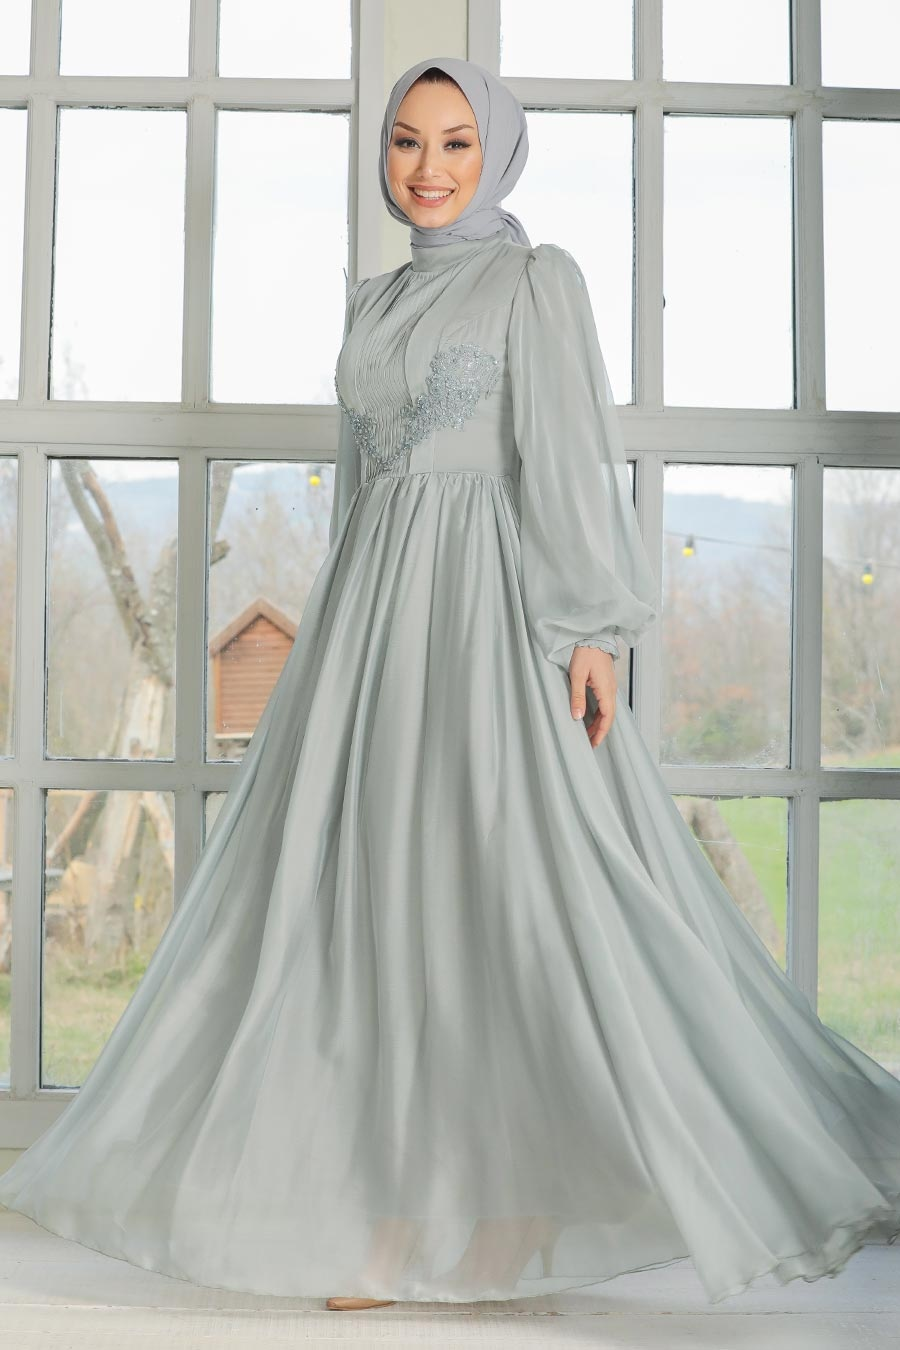 Tesettürlü Abiye Elbise - Dantel Detaylı Gri Tesettür Abiye Elbise 33190GR